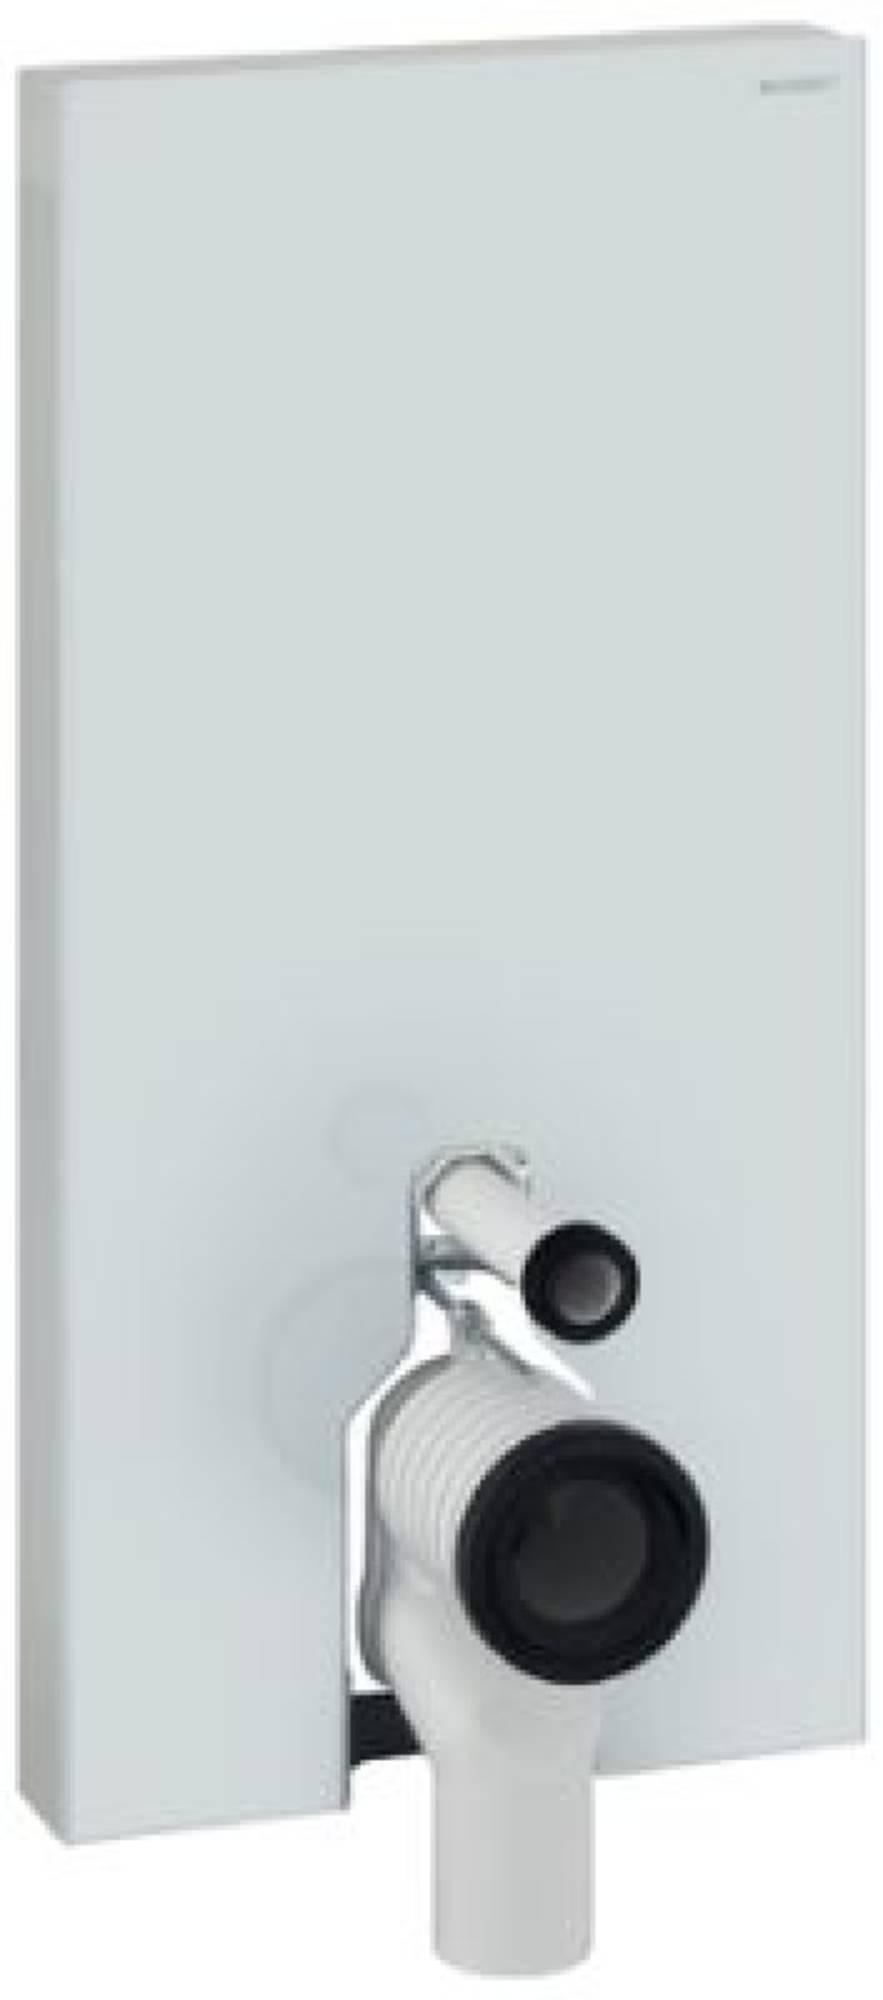 Geberit Monolith plus module voor staand closet h101 glas wit aluminium